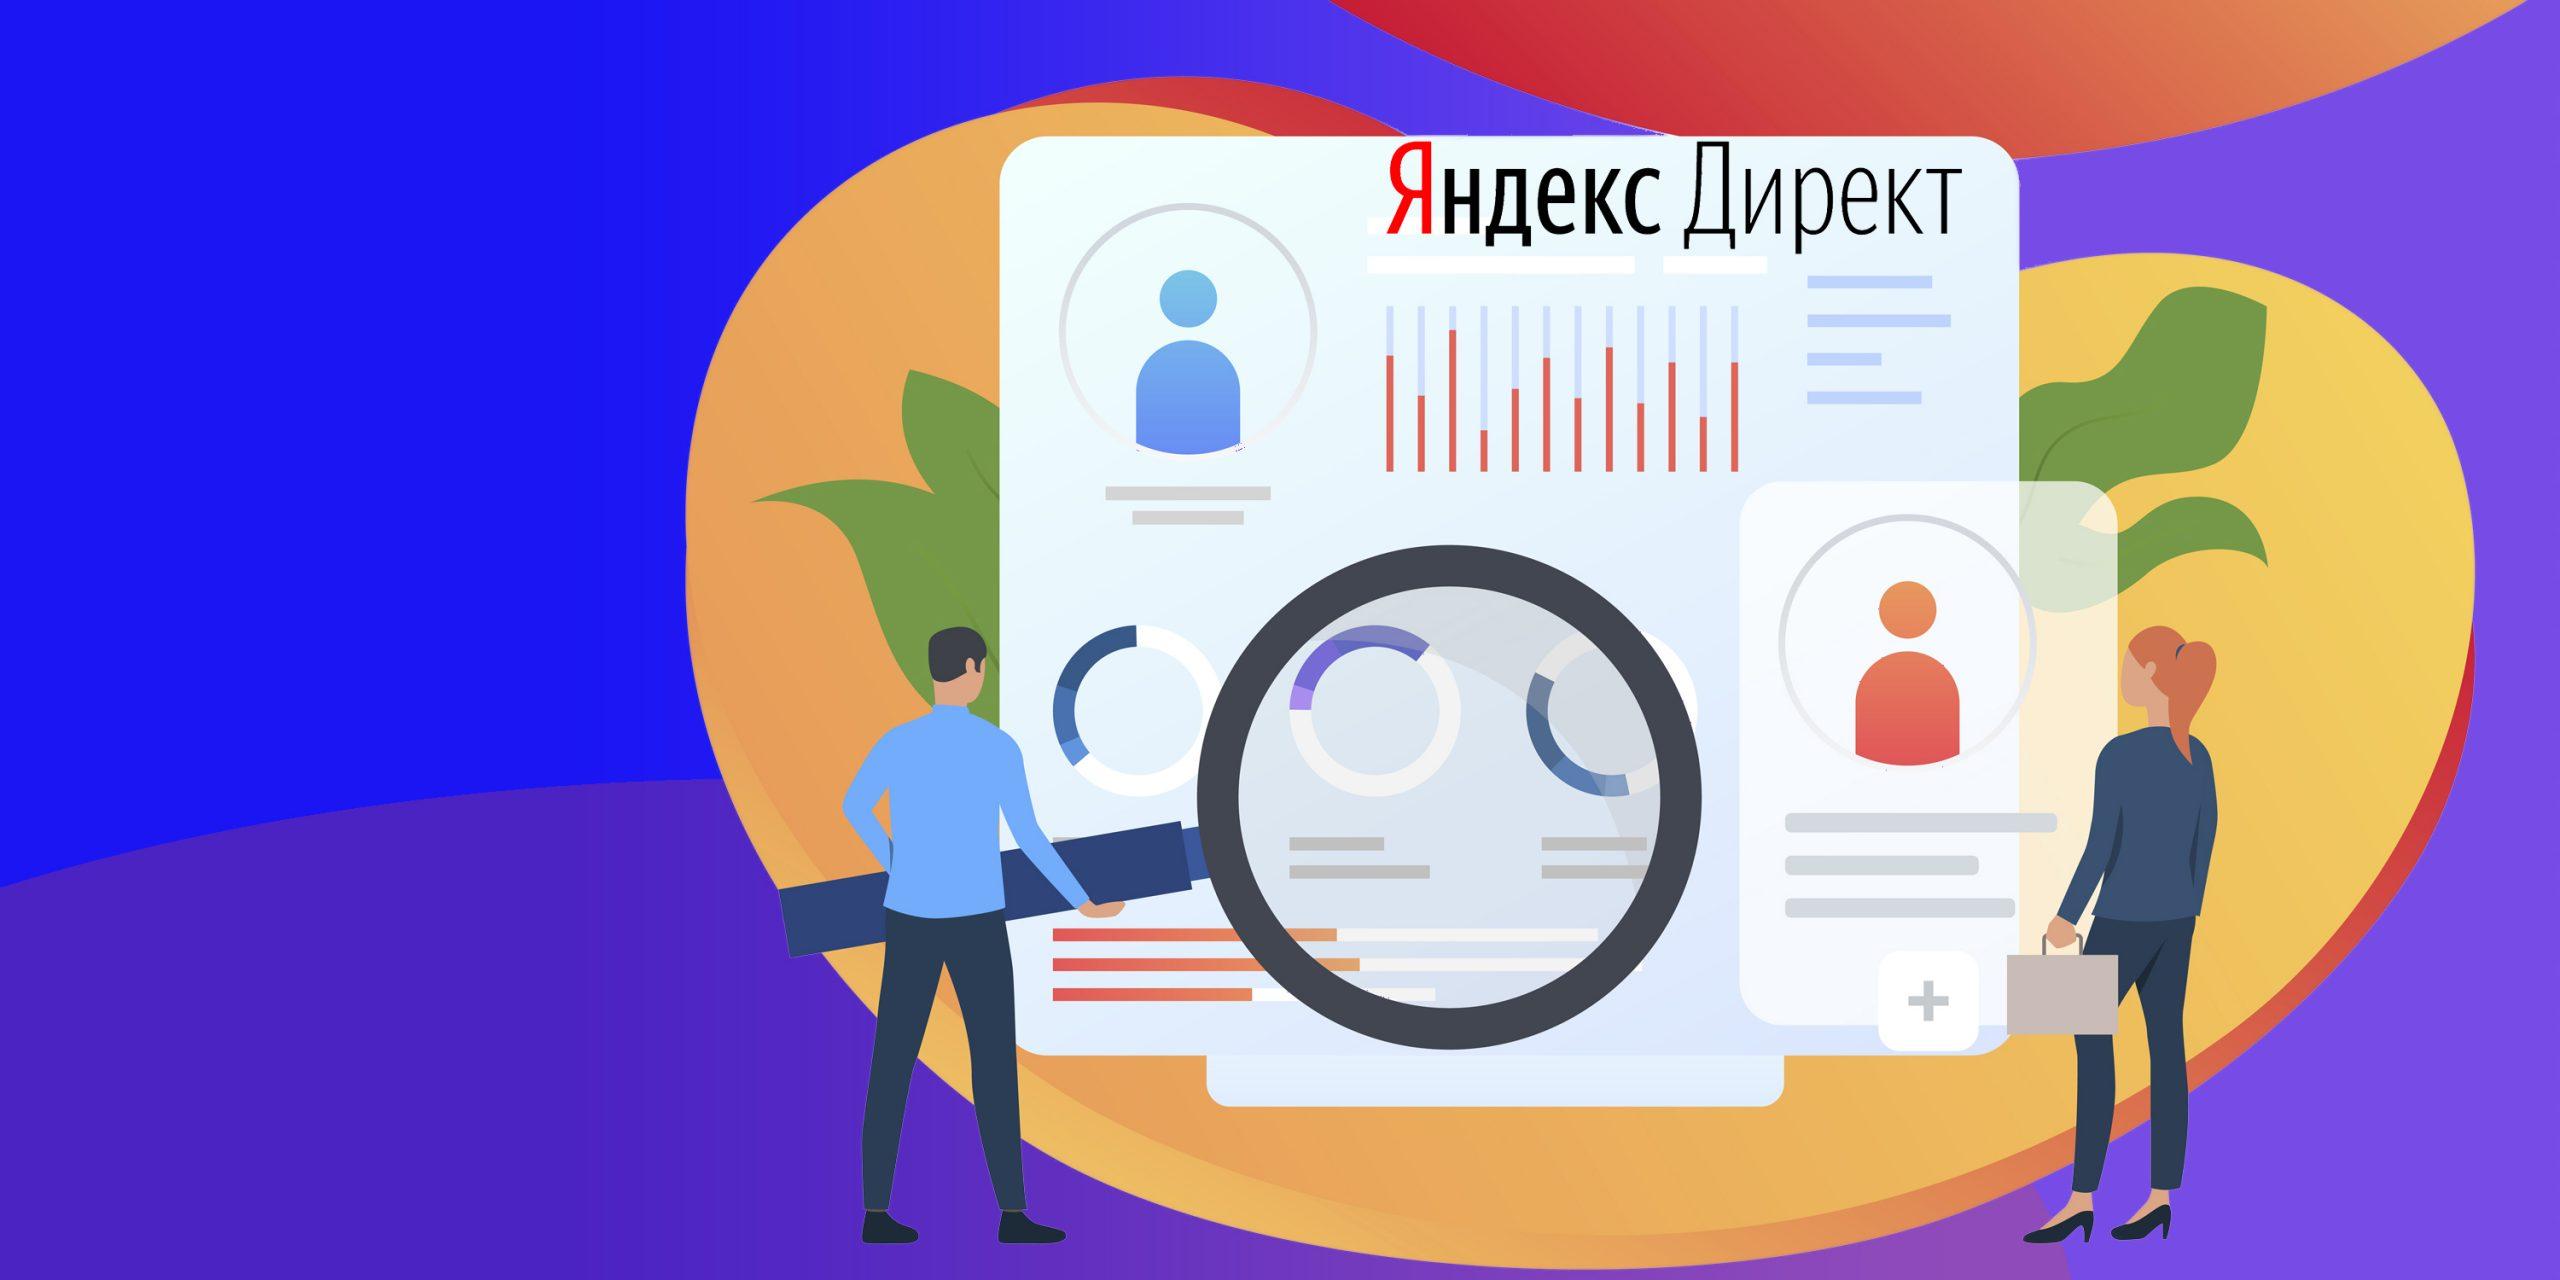 Подбор семантики для Яндекс Директа: как найти релевантные ключевые слова